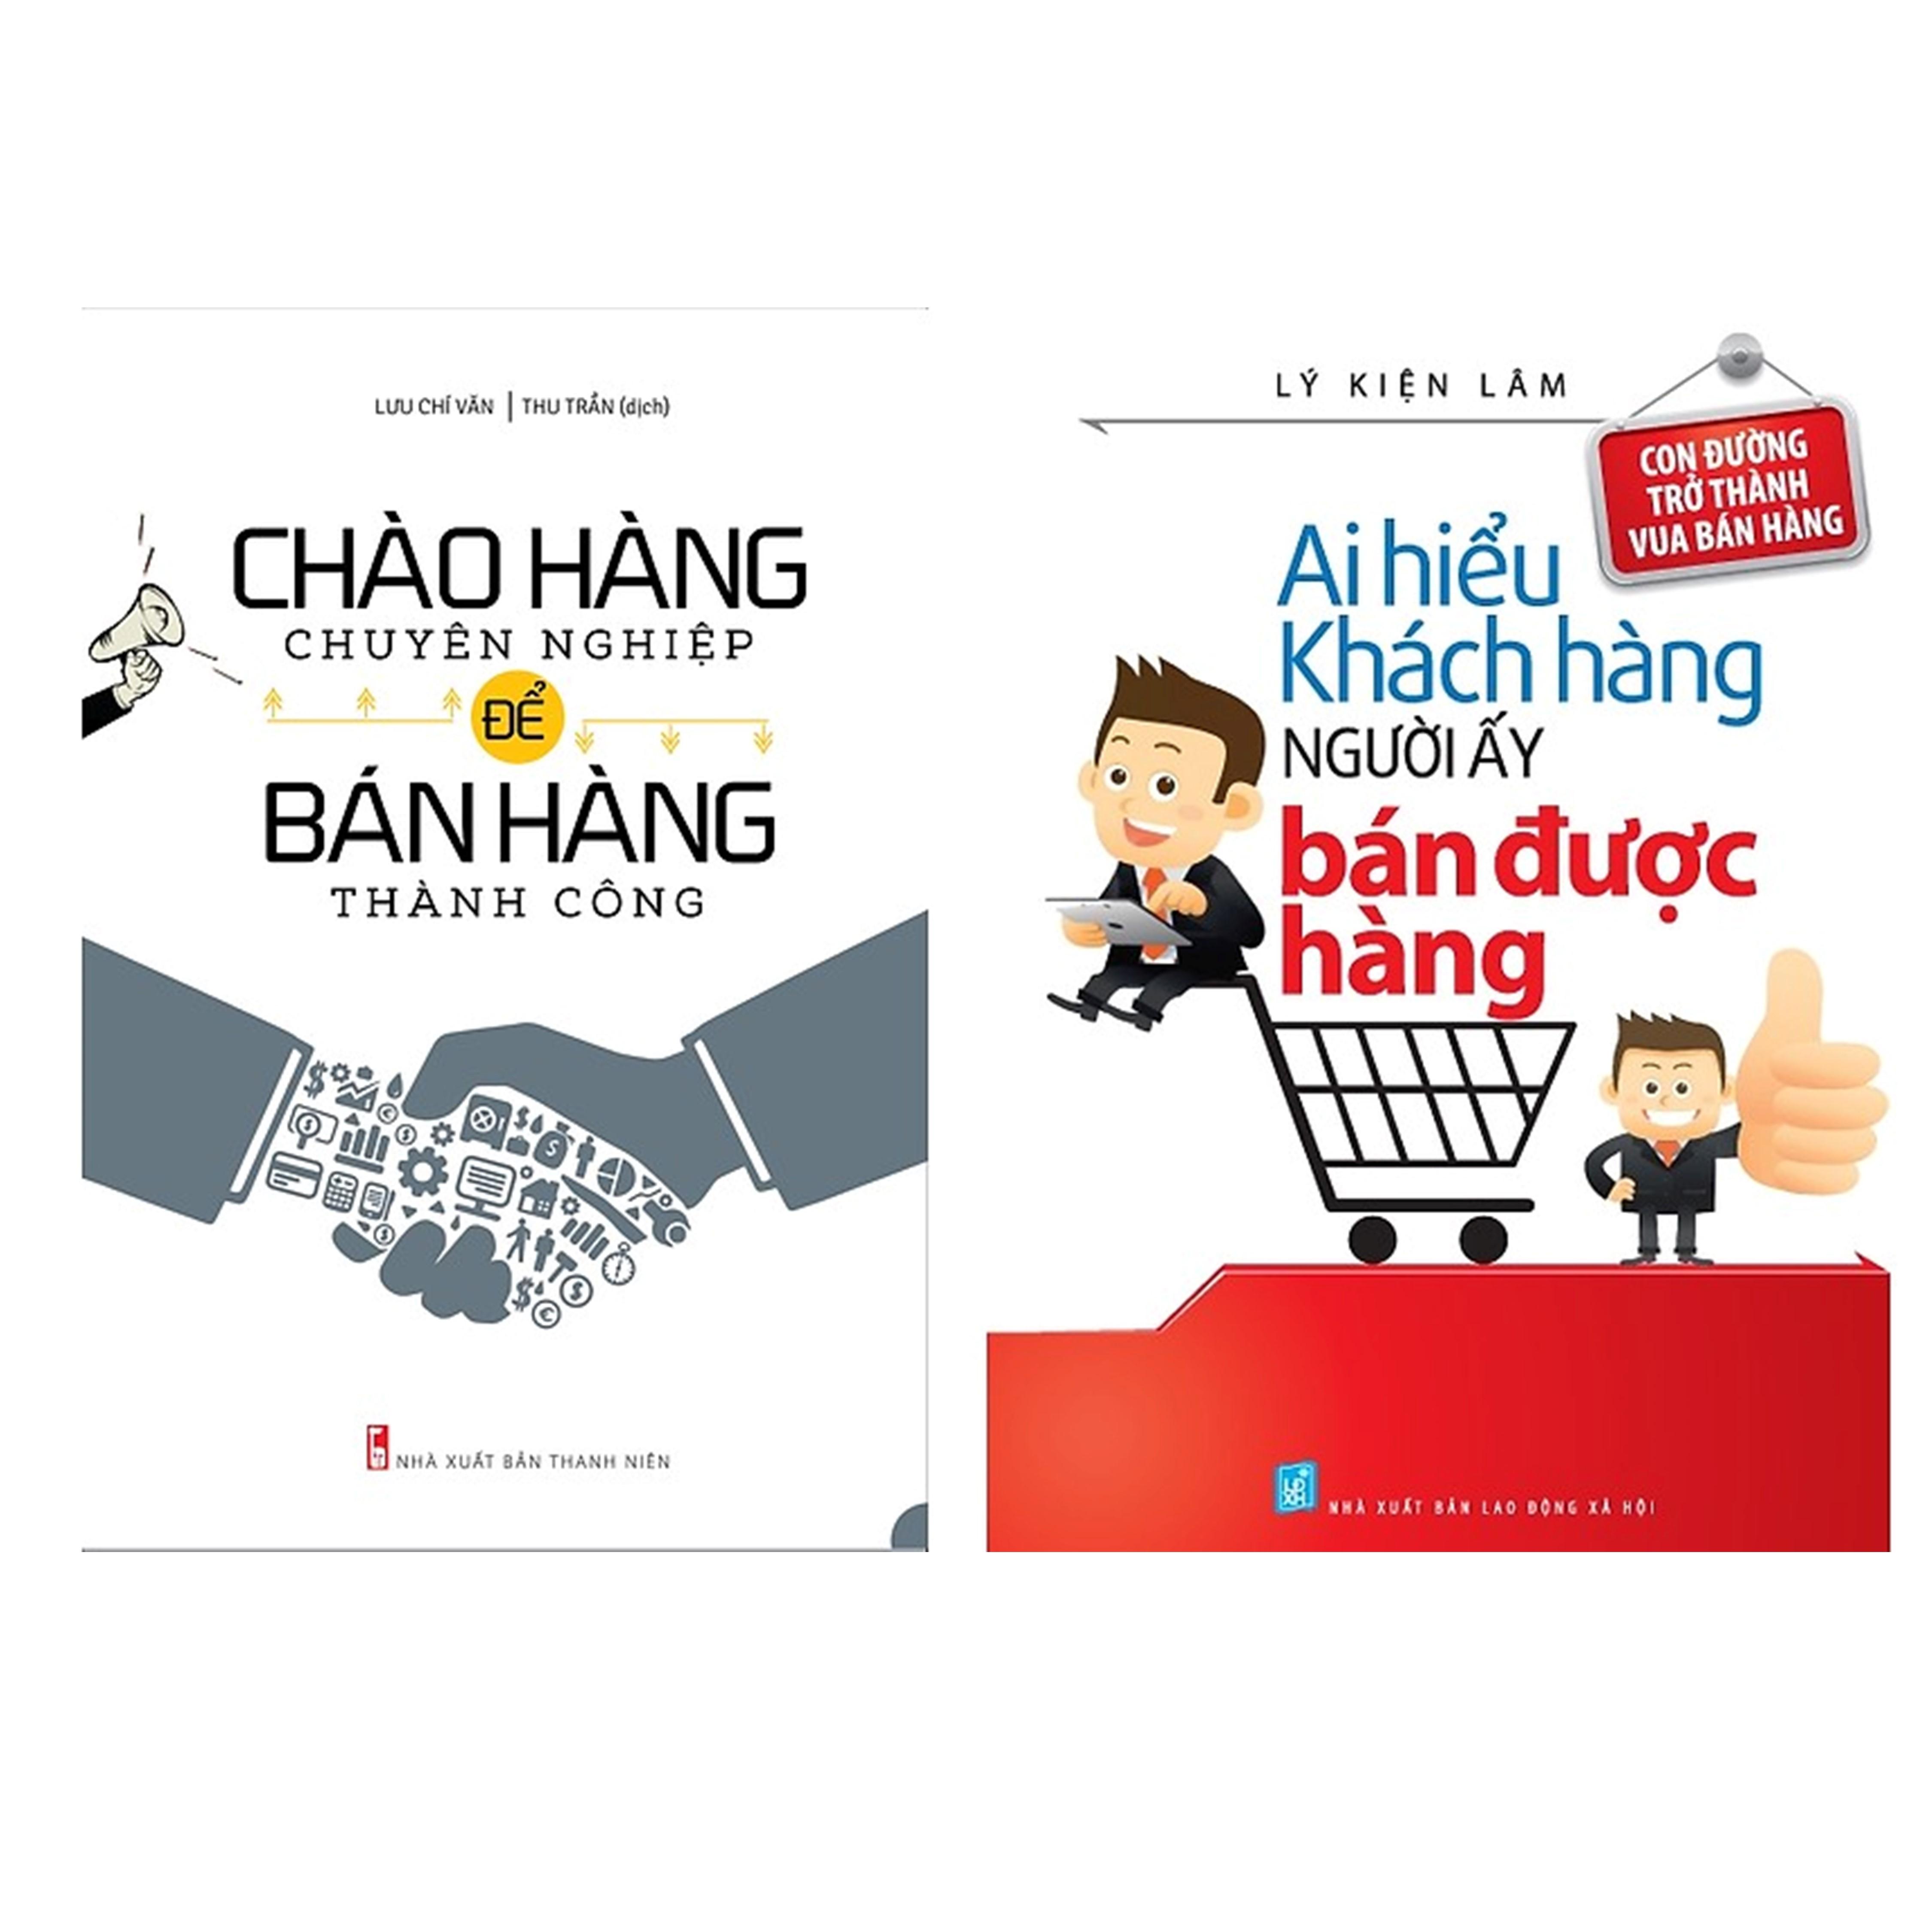 Combo Sách Kĩ Năng Kinh Doanh: Chào Hàng Chuyên Nghiệp Để Bán Hàng Thành Công + Ai Hiểu Được Khách Hàng Người Ấy...